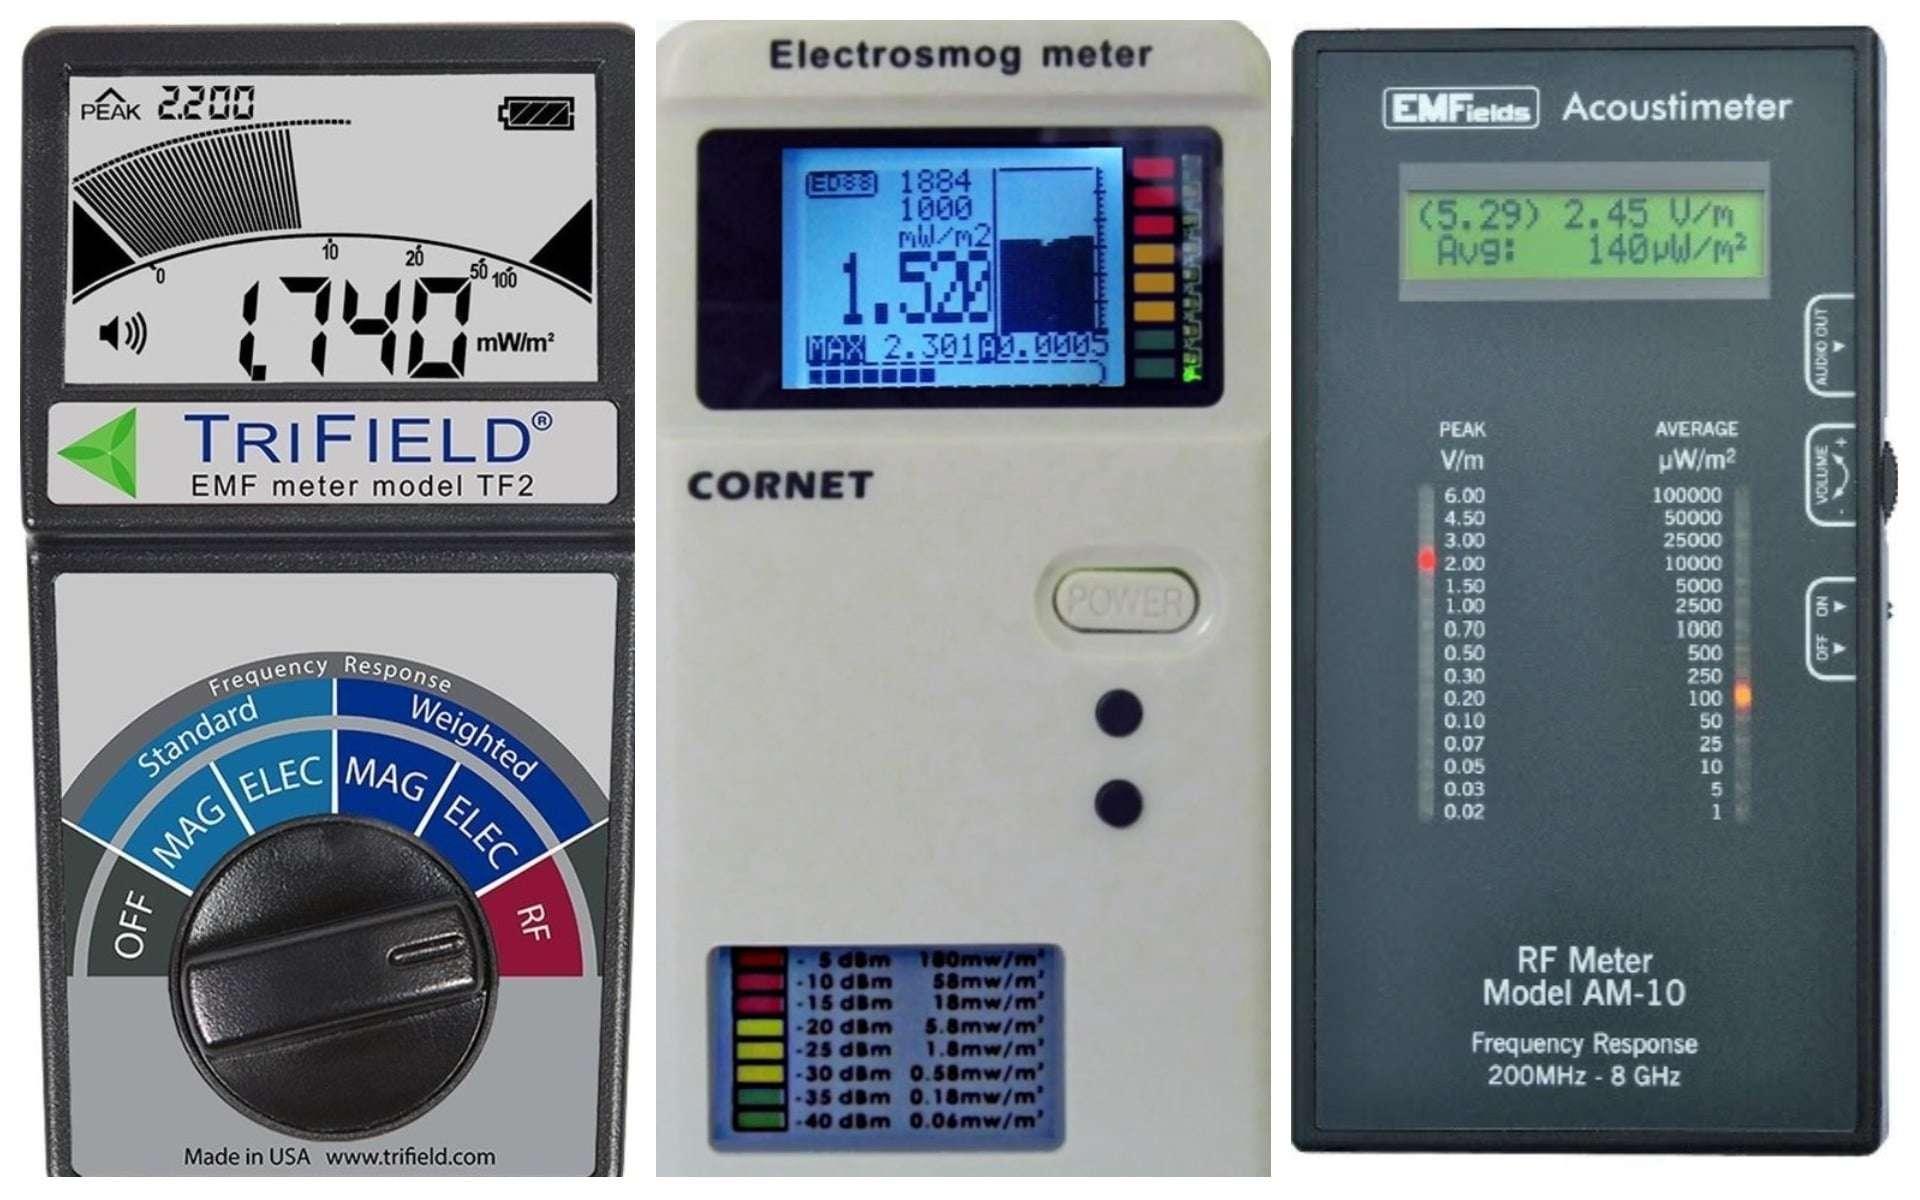 5 Best EMF Meters and Detectors of 2019 - EMF Academy